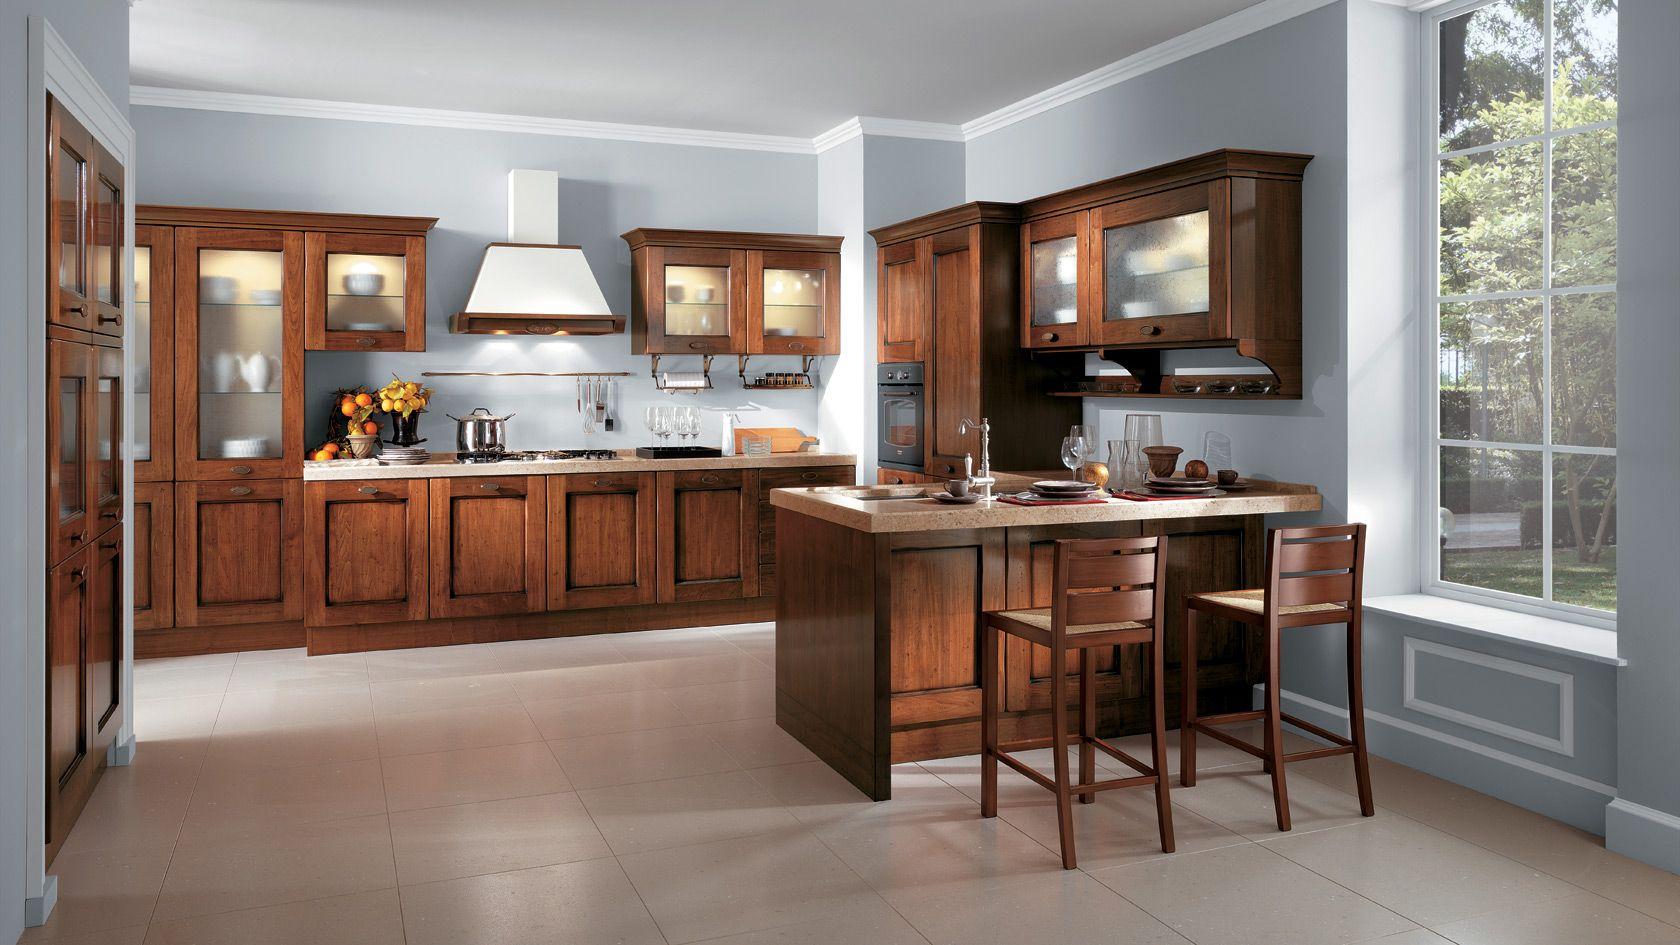 Cucina in legno Amélie | Sito ufficiale Scavolini | Cucine classiche ...